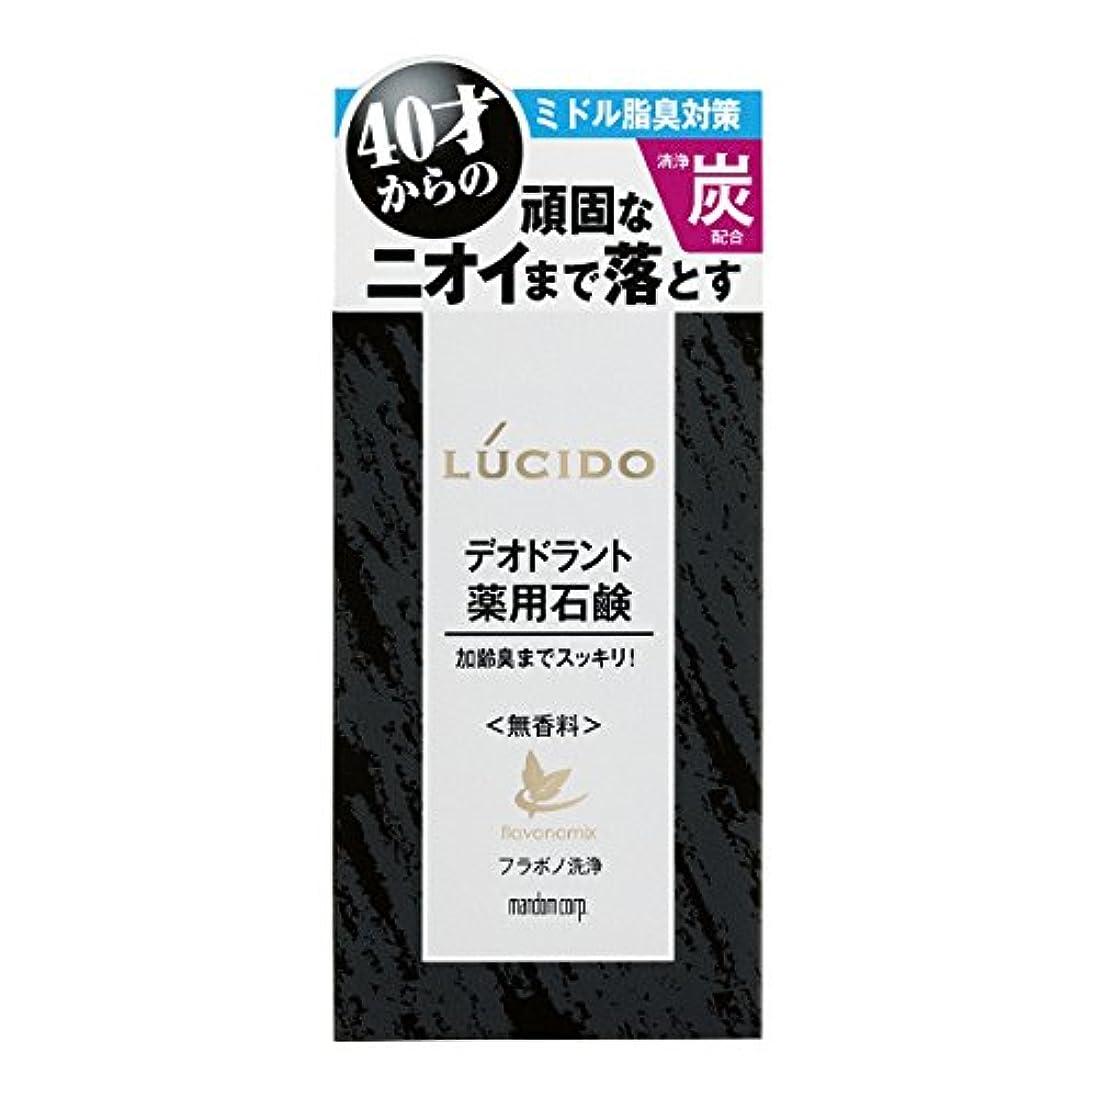 アクセサリー動力学分析ルシード 薬用デオドラント石鹸 100g(医薬部外品)